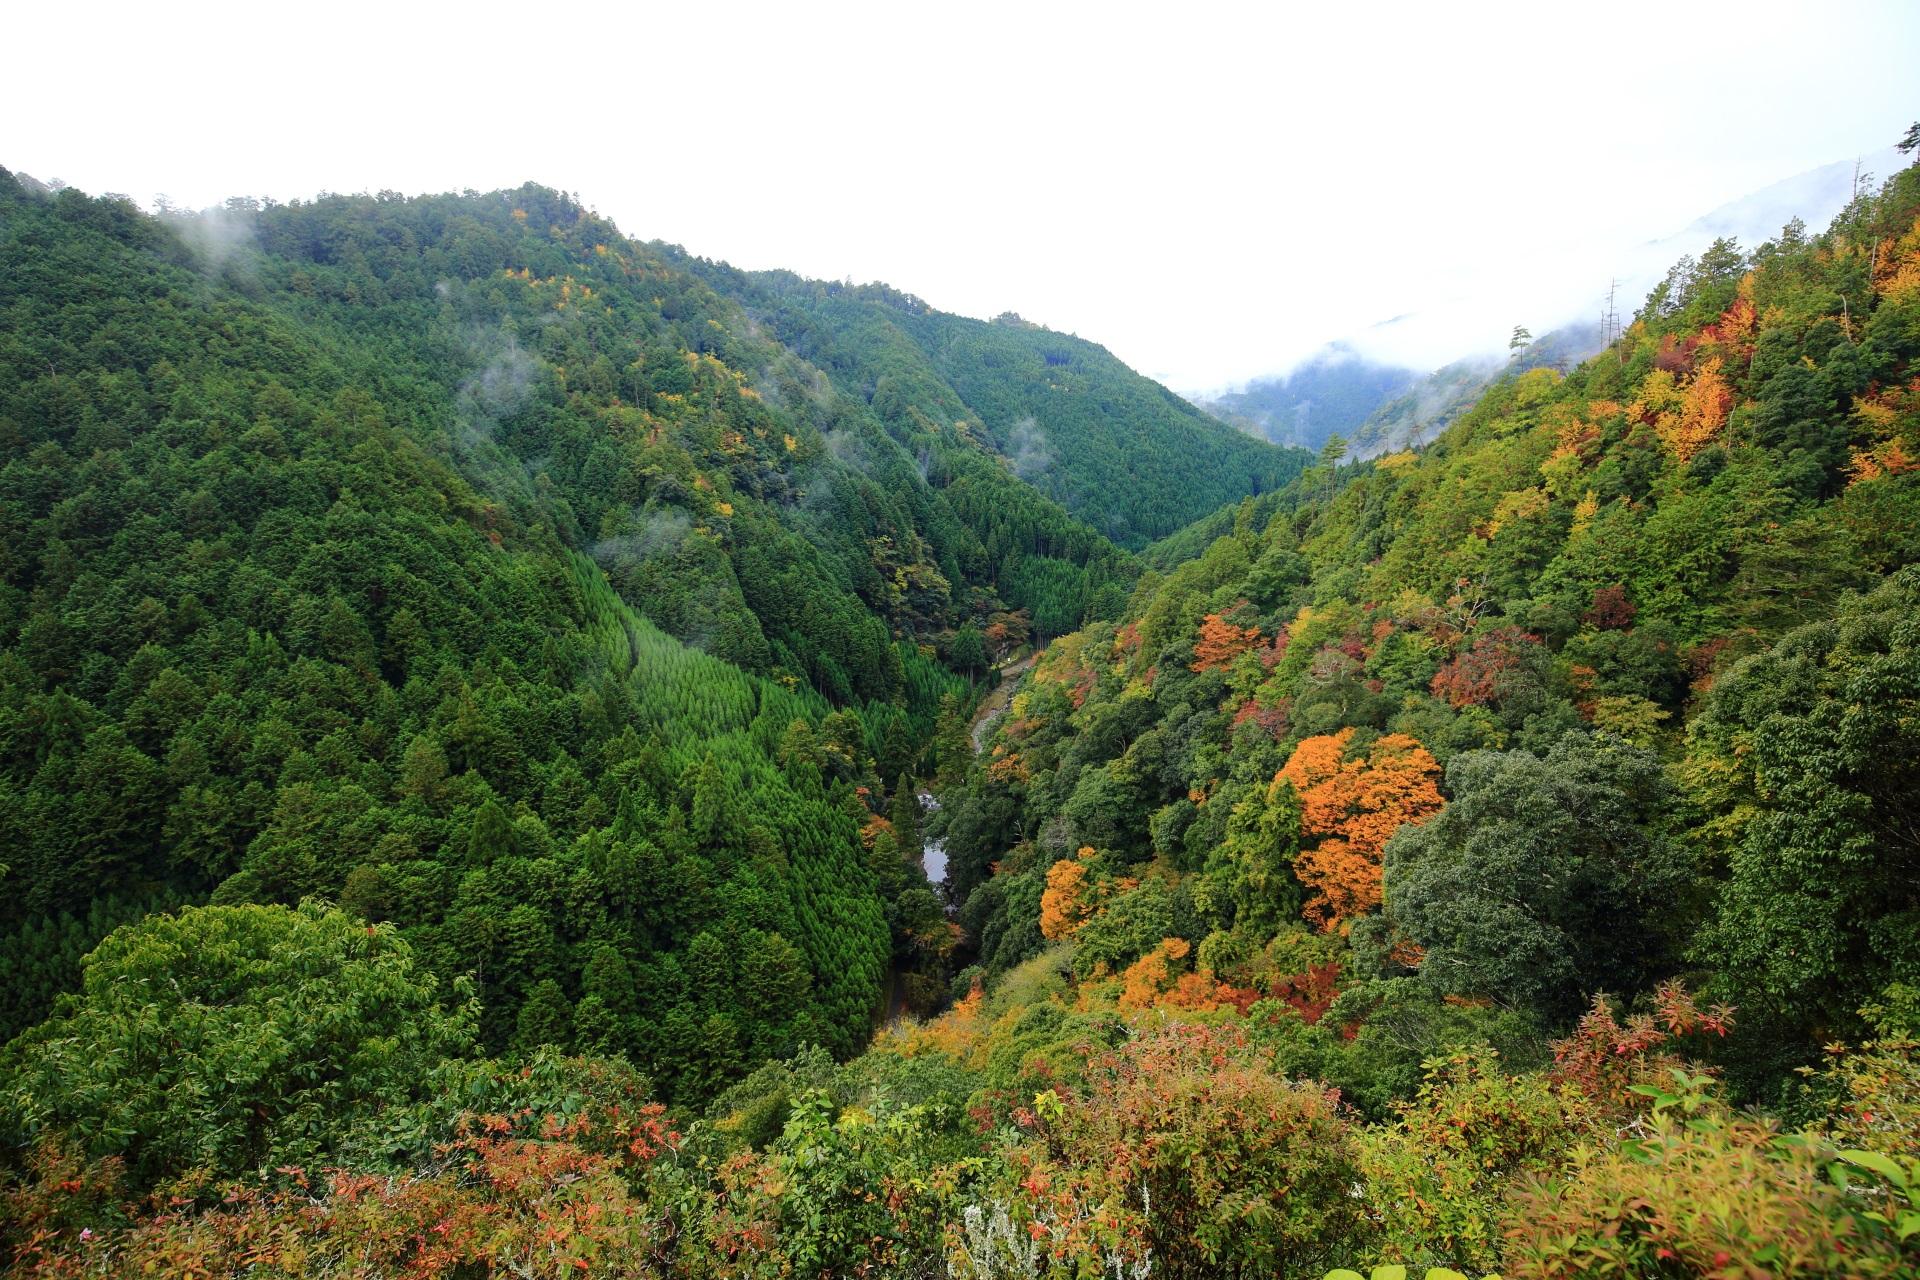 見事な渓谷である錦雲渓